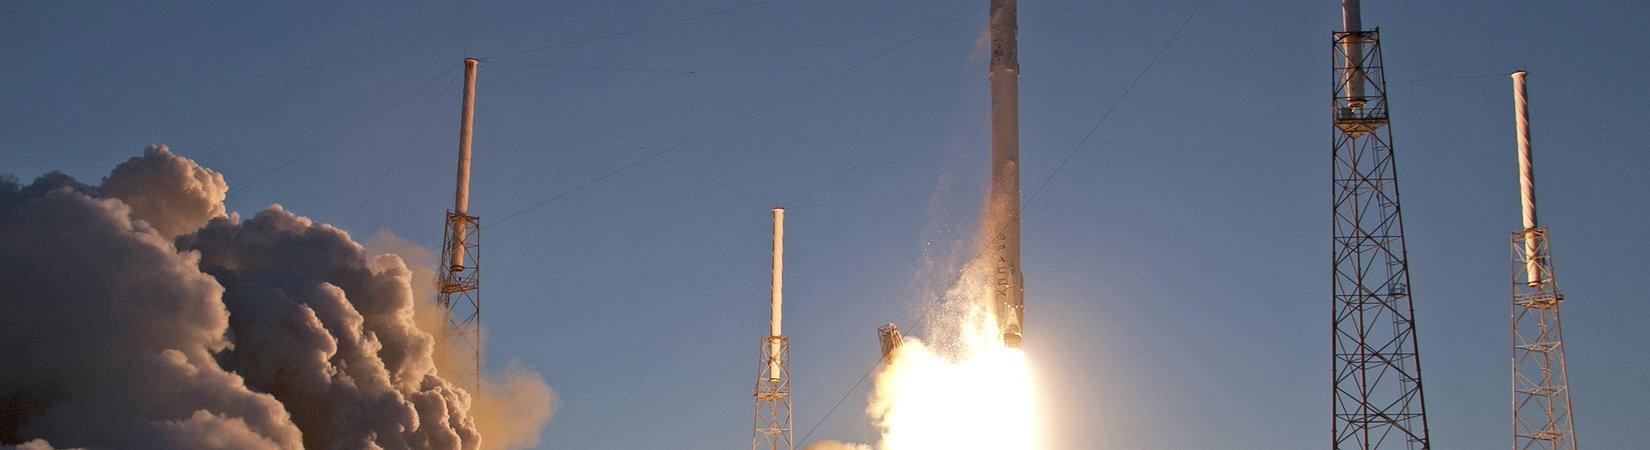 Илон Маск работает над созданием многоразовой ракеты